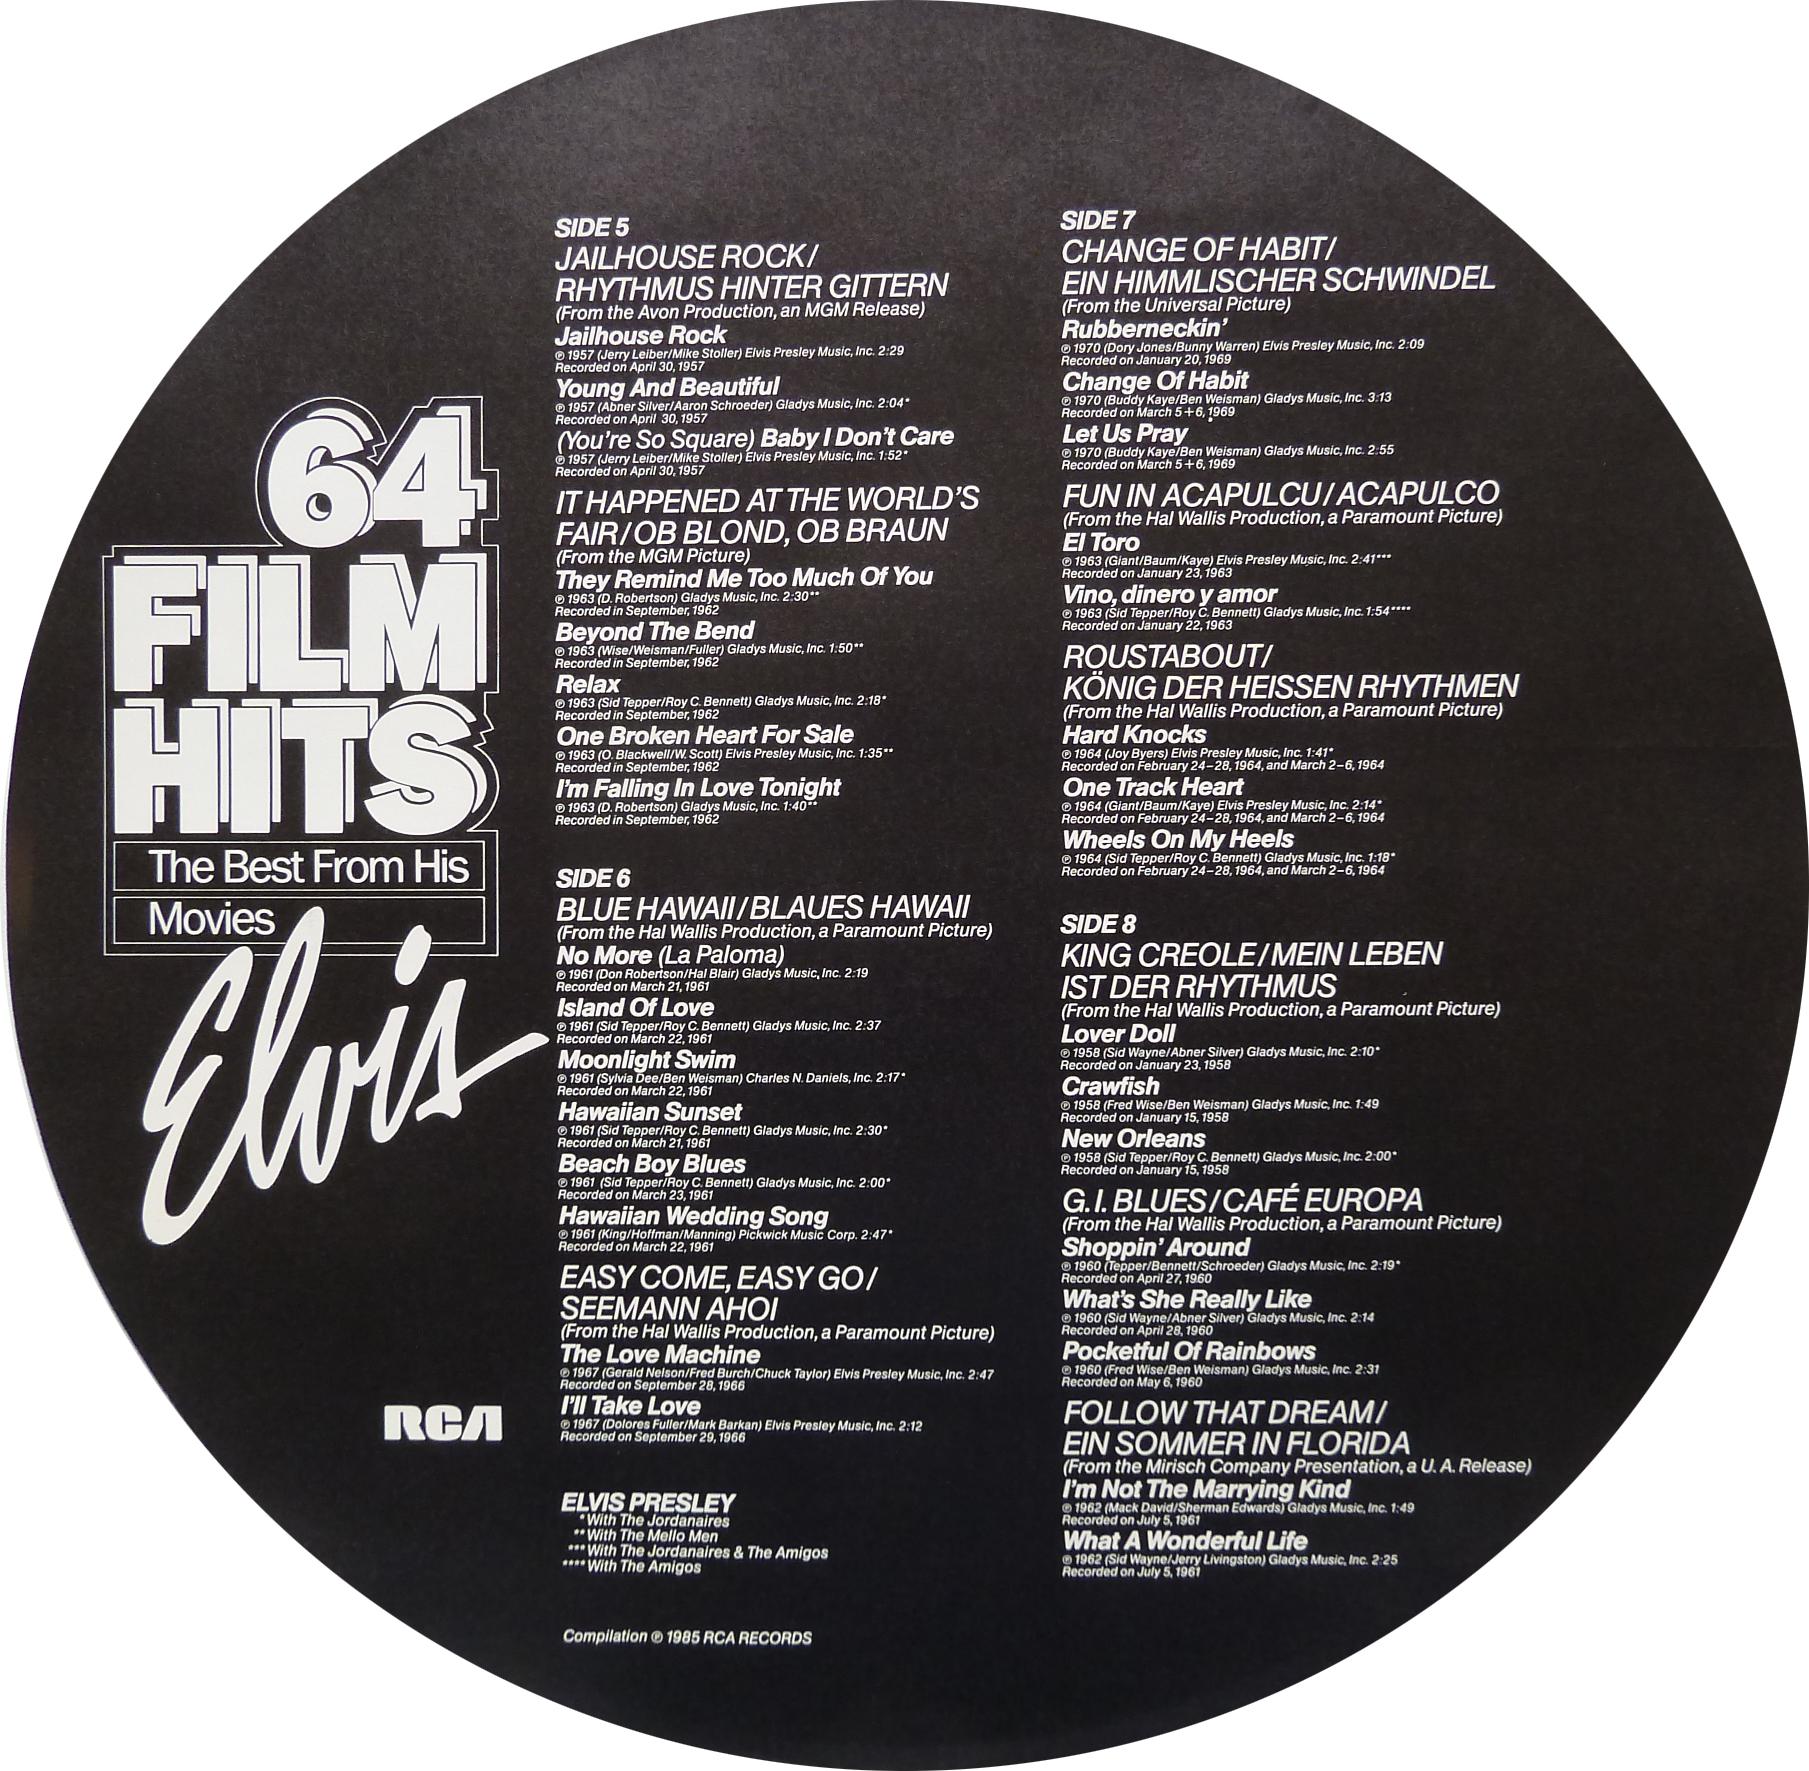 64 FILM HITS 64filmhitsbeiblattseiczr9i